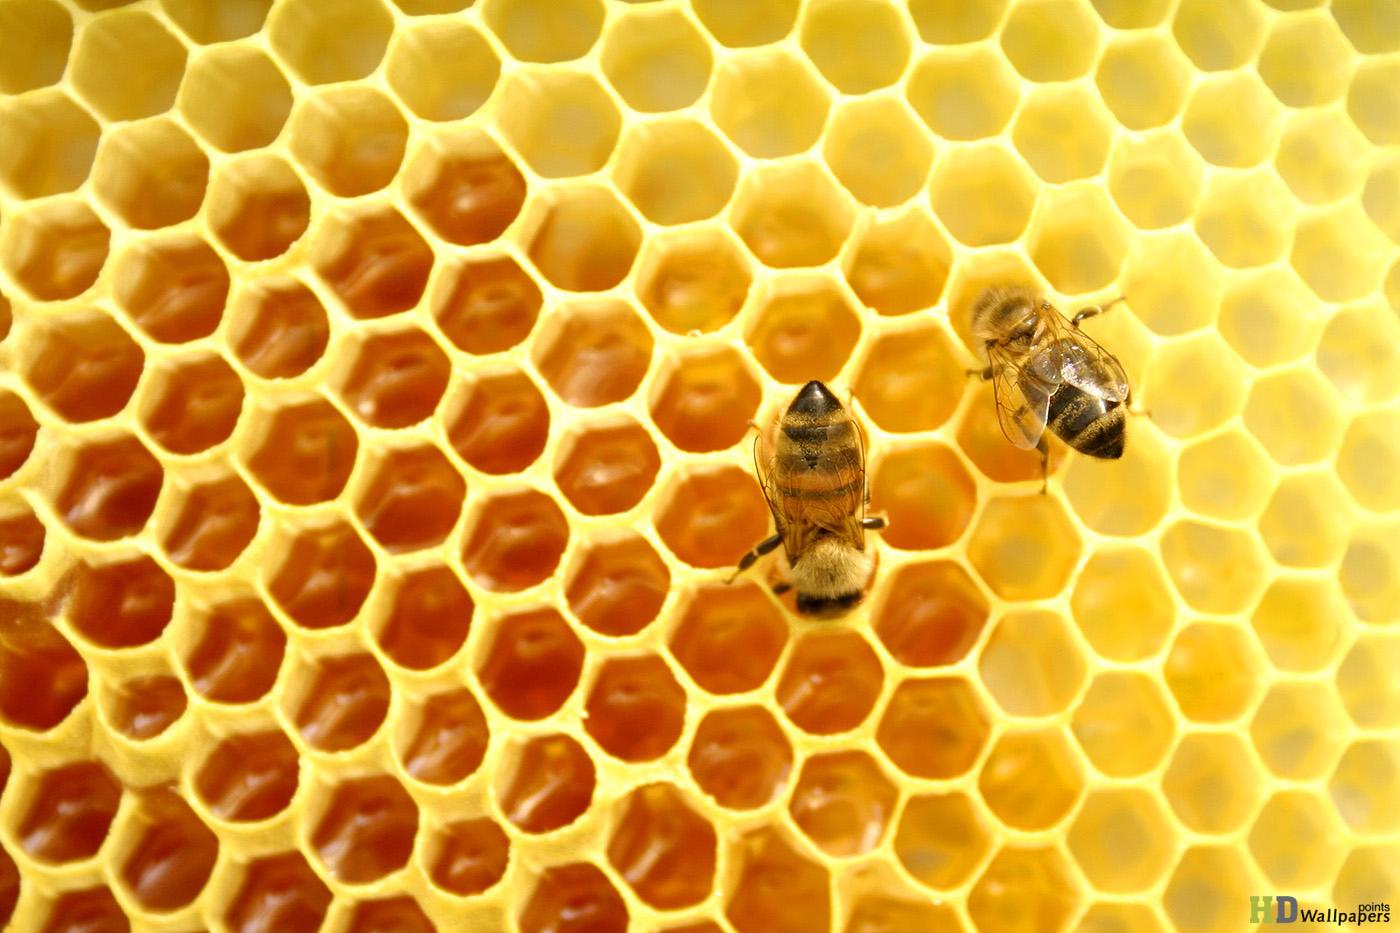 تركيا العسل الطبيعية, العسل العضوية تركيا